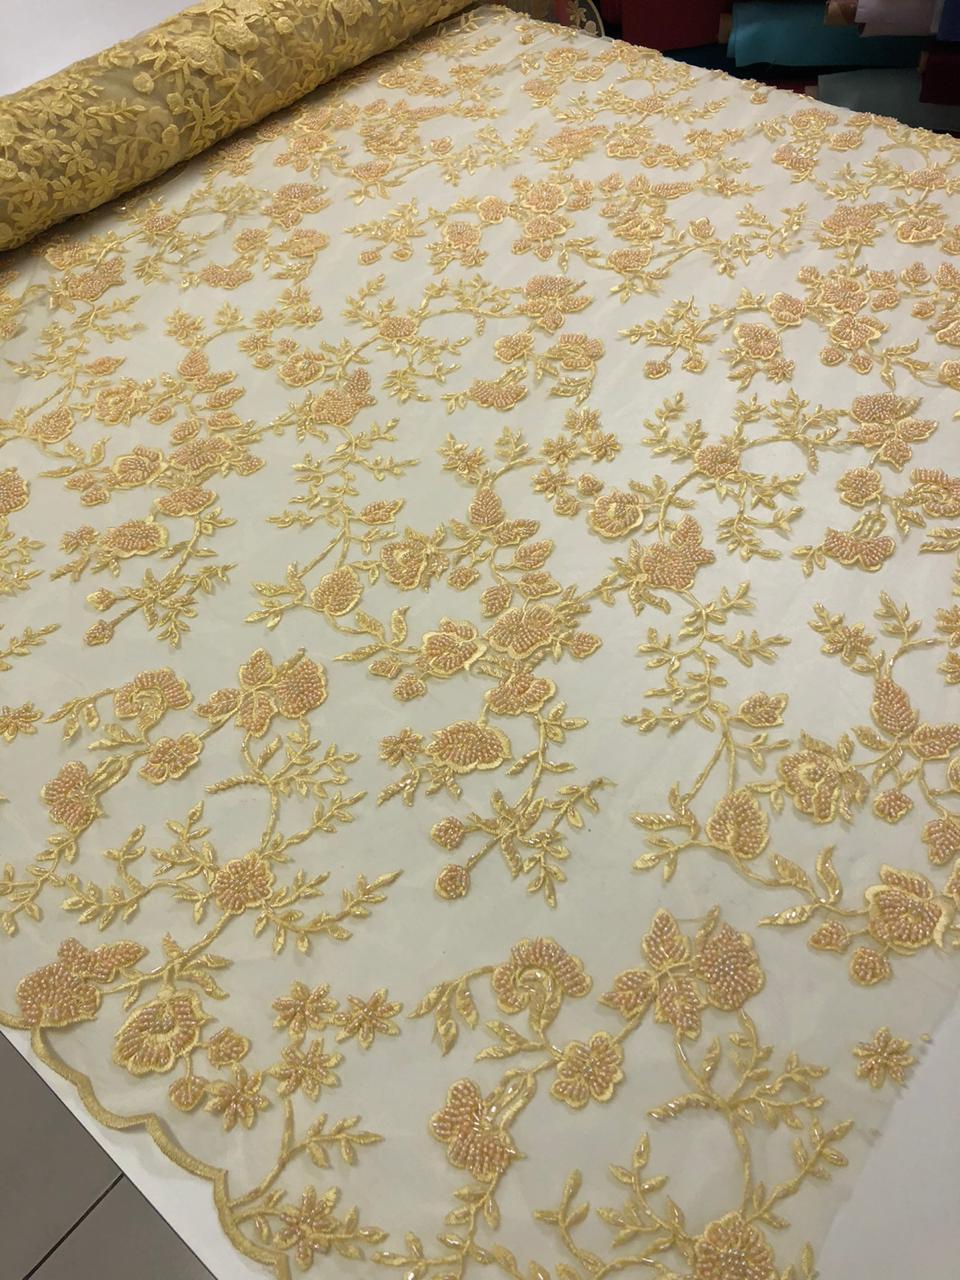 Tecido Renda Tule Bordado Floral c/ Pedraria 1 x1,30m Cores Variadas